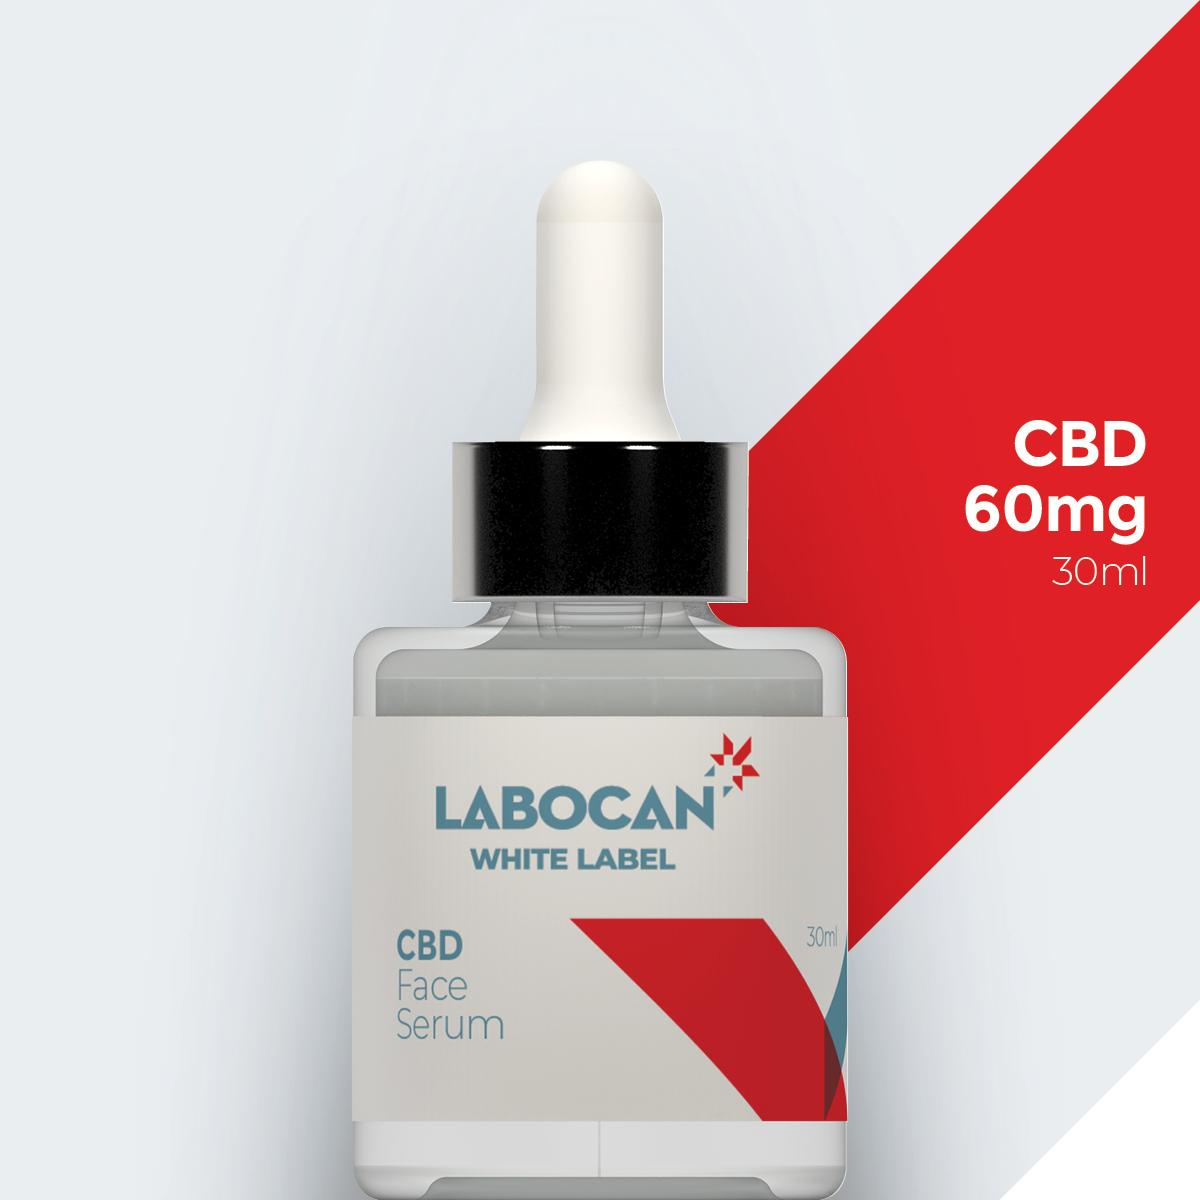 White label CBD Gezichtsserum